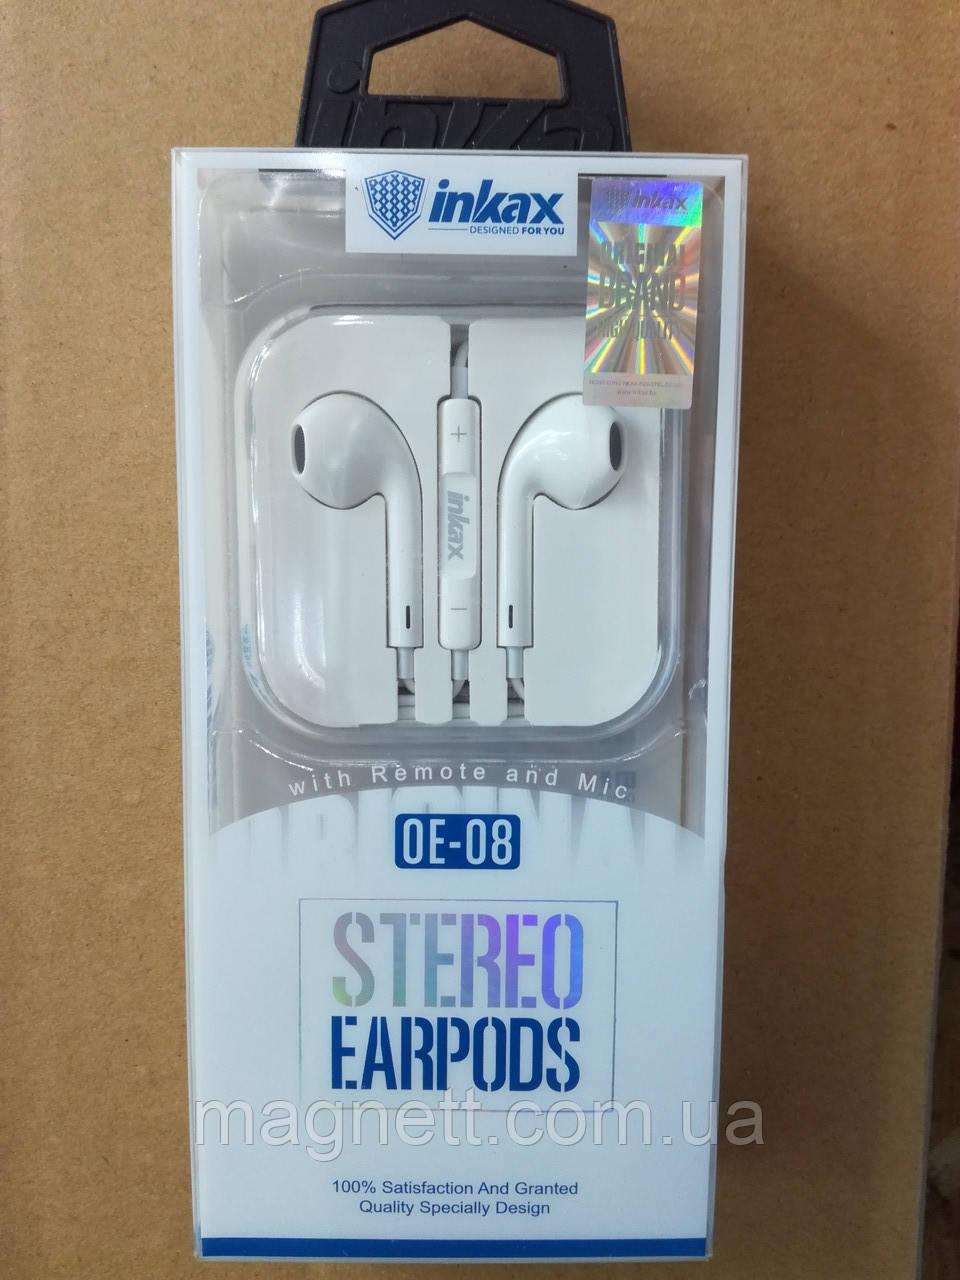 Наушники iPhone INKAX OE-08 series Earphone for Apple White